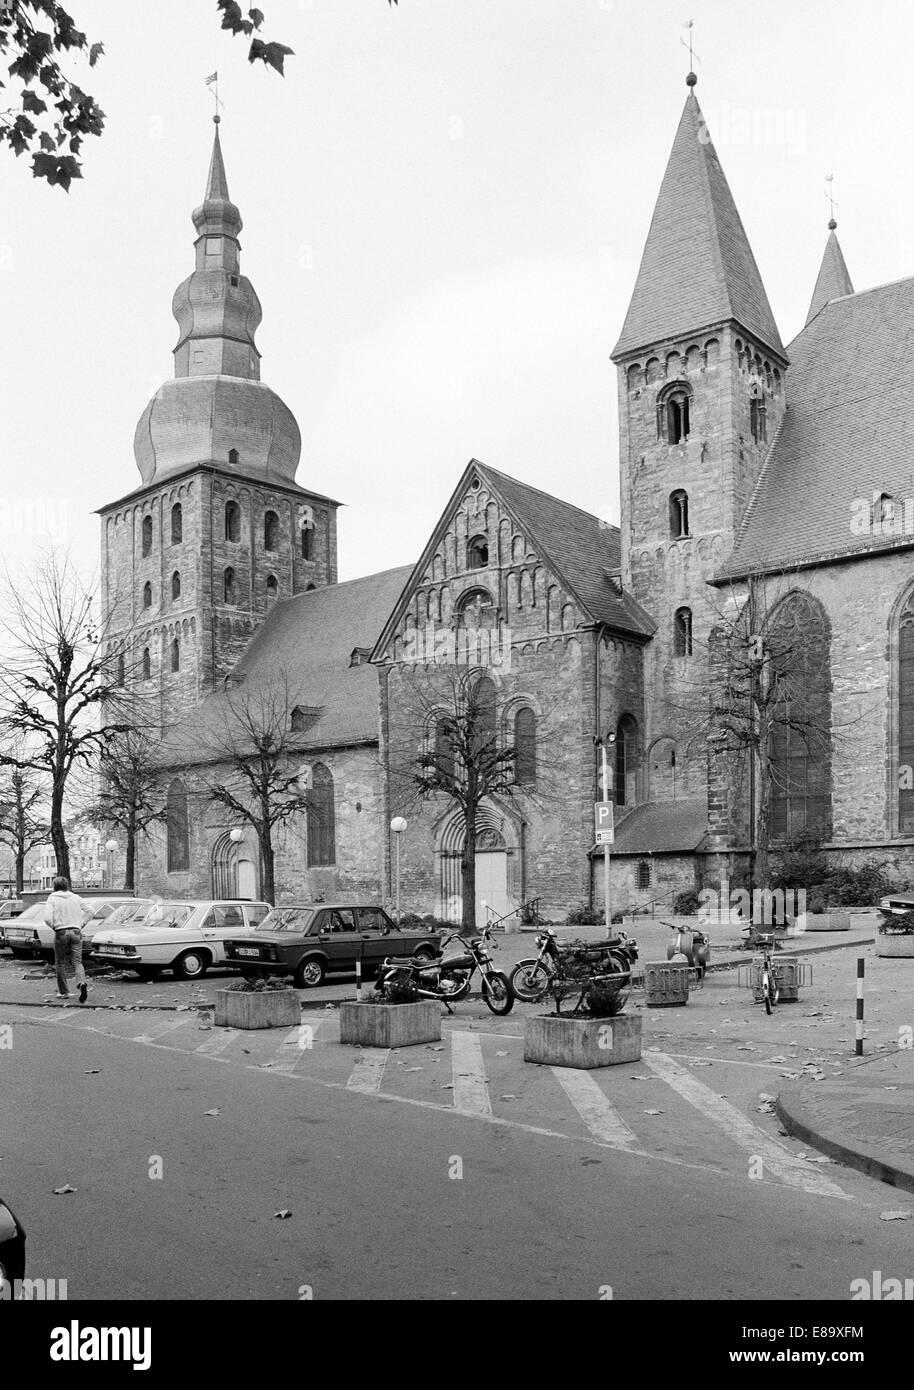 Achtziger Jahre, Autos und Motorraeder parken auf dem Marktplatz, dahinter die Grosse Marienkirche, Evangelische - Stock Image